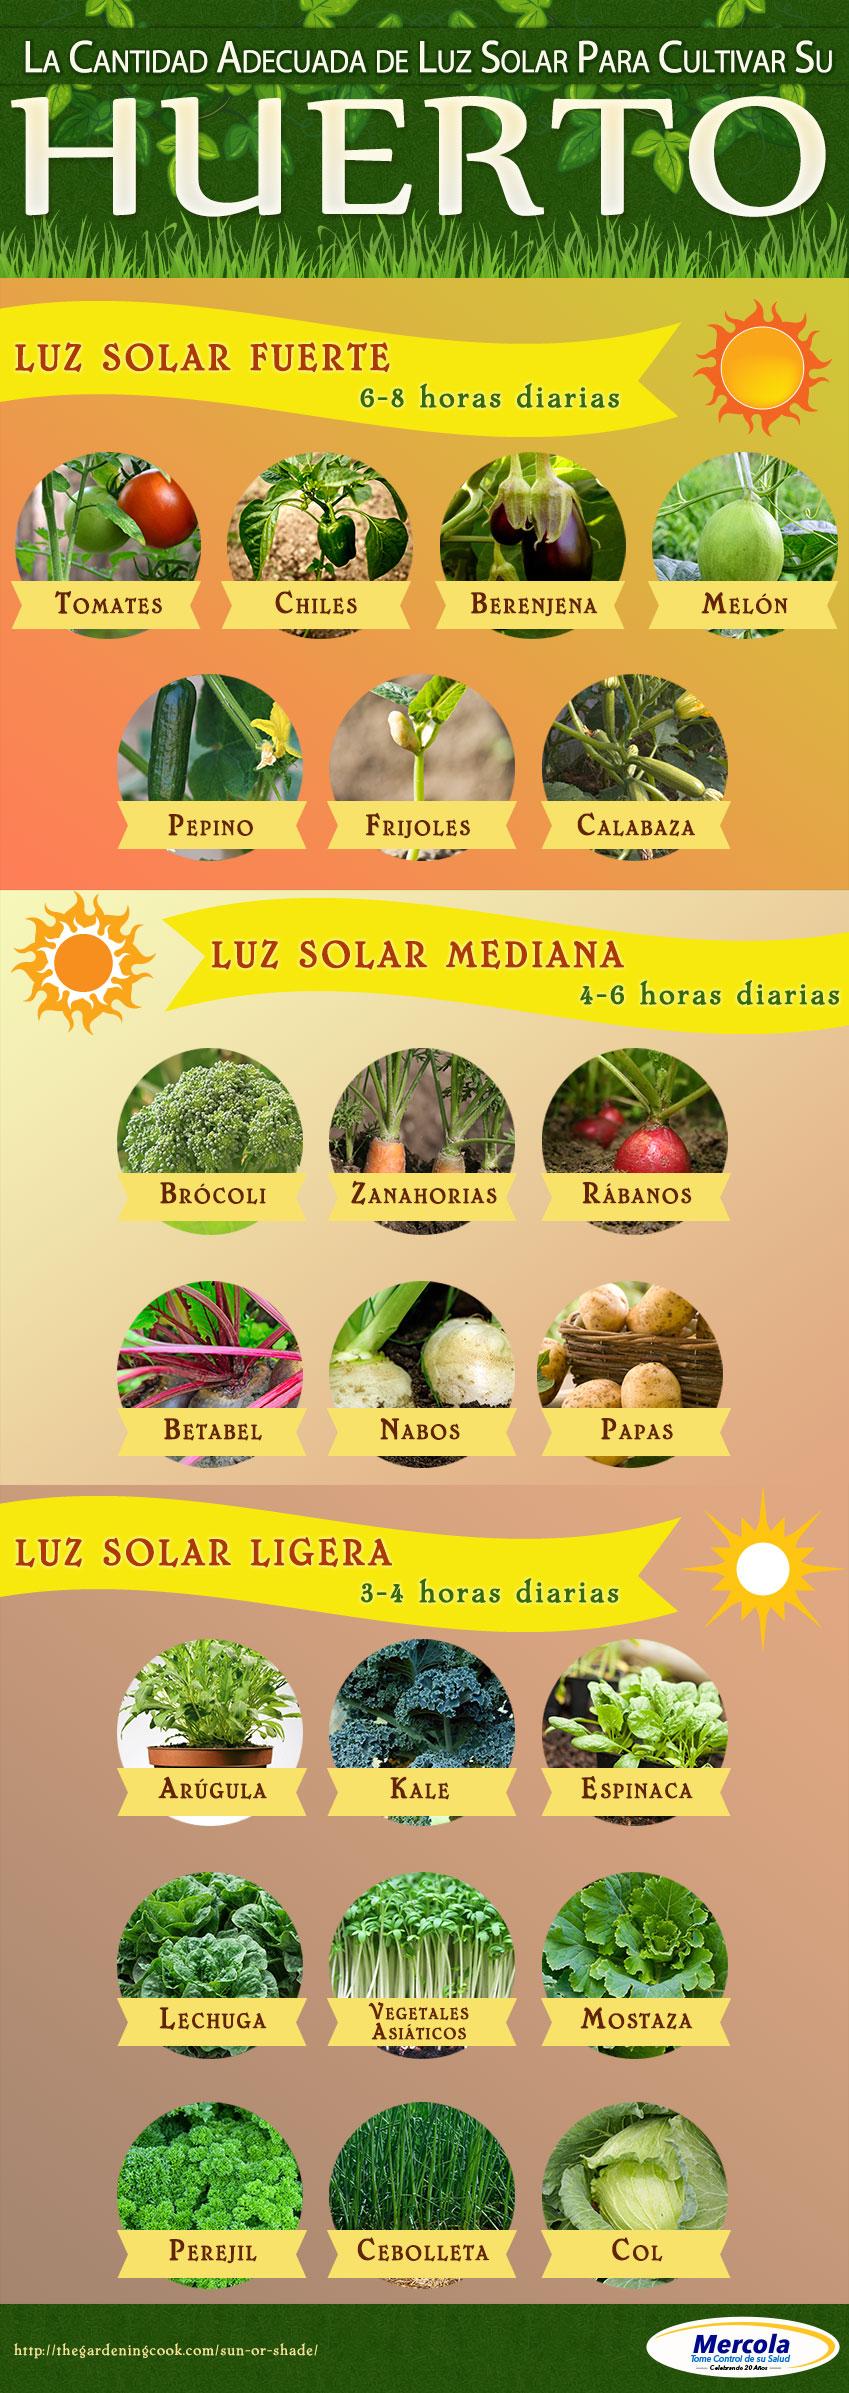 Infografia Cultivar Huerto